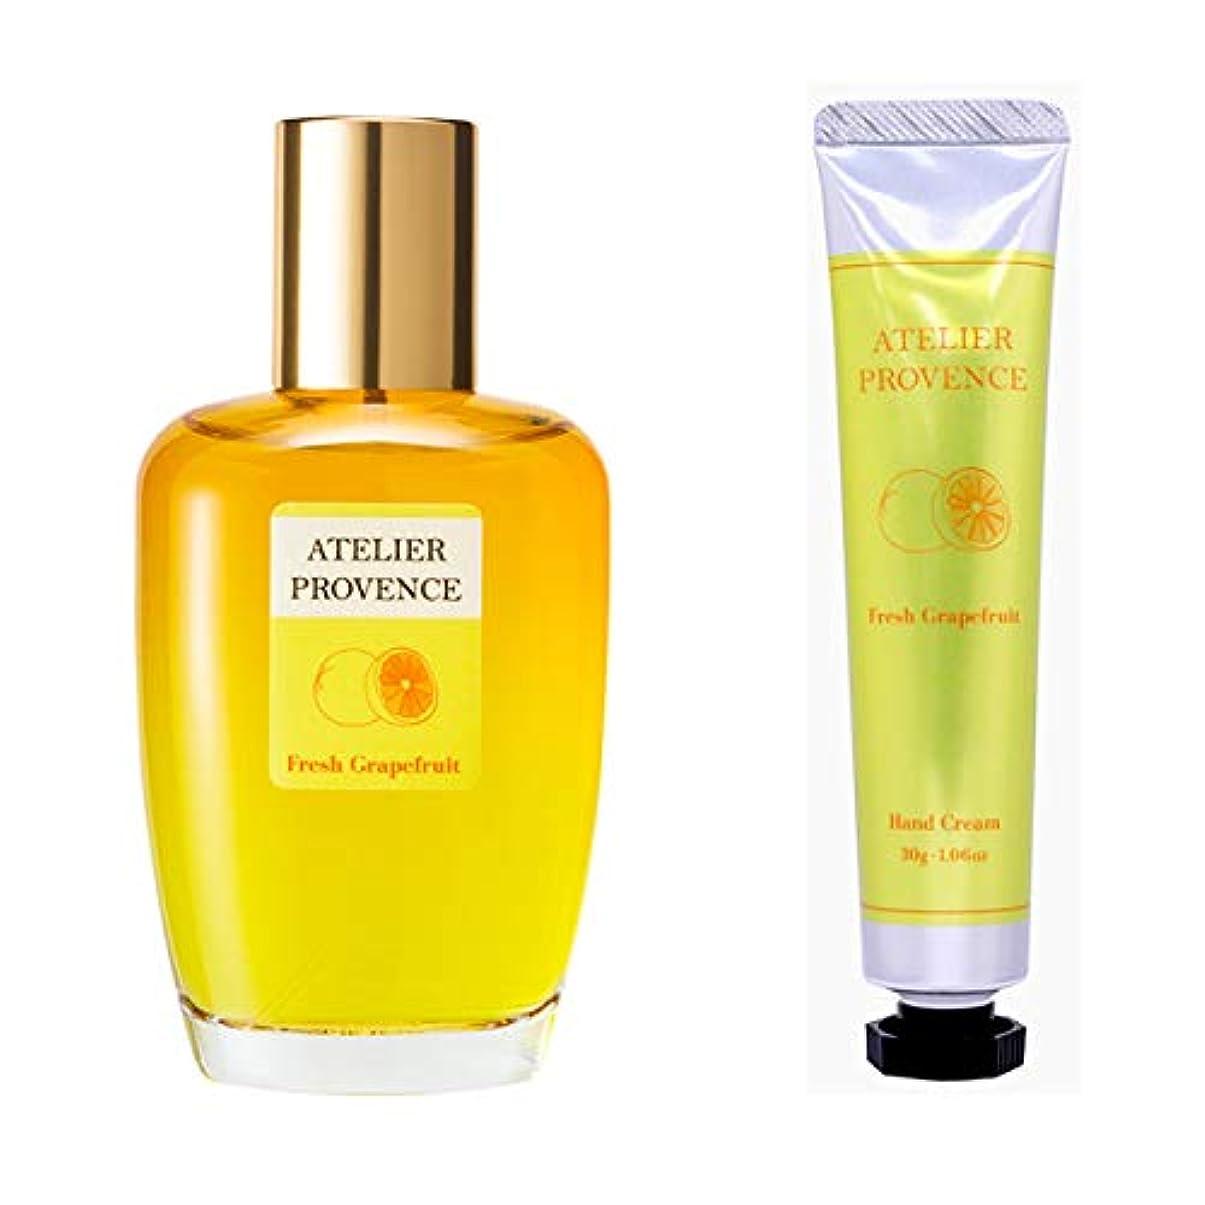 に話すベジタリアン優れましたアトリエ プロヴァンス ATELIER PROVENCE フレッシュグレープフルーツの香り コフレセット(EDT90ml+ハンドクリーム30g)